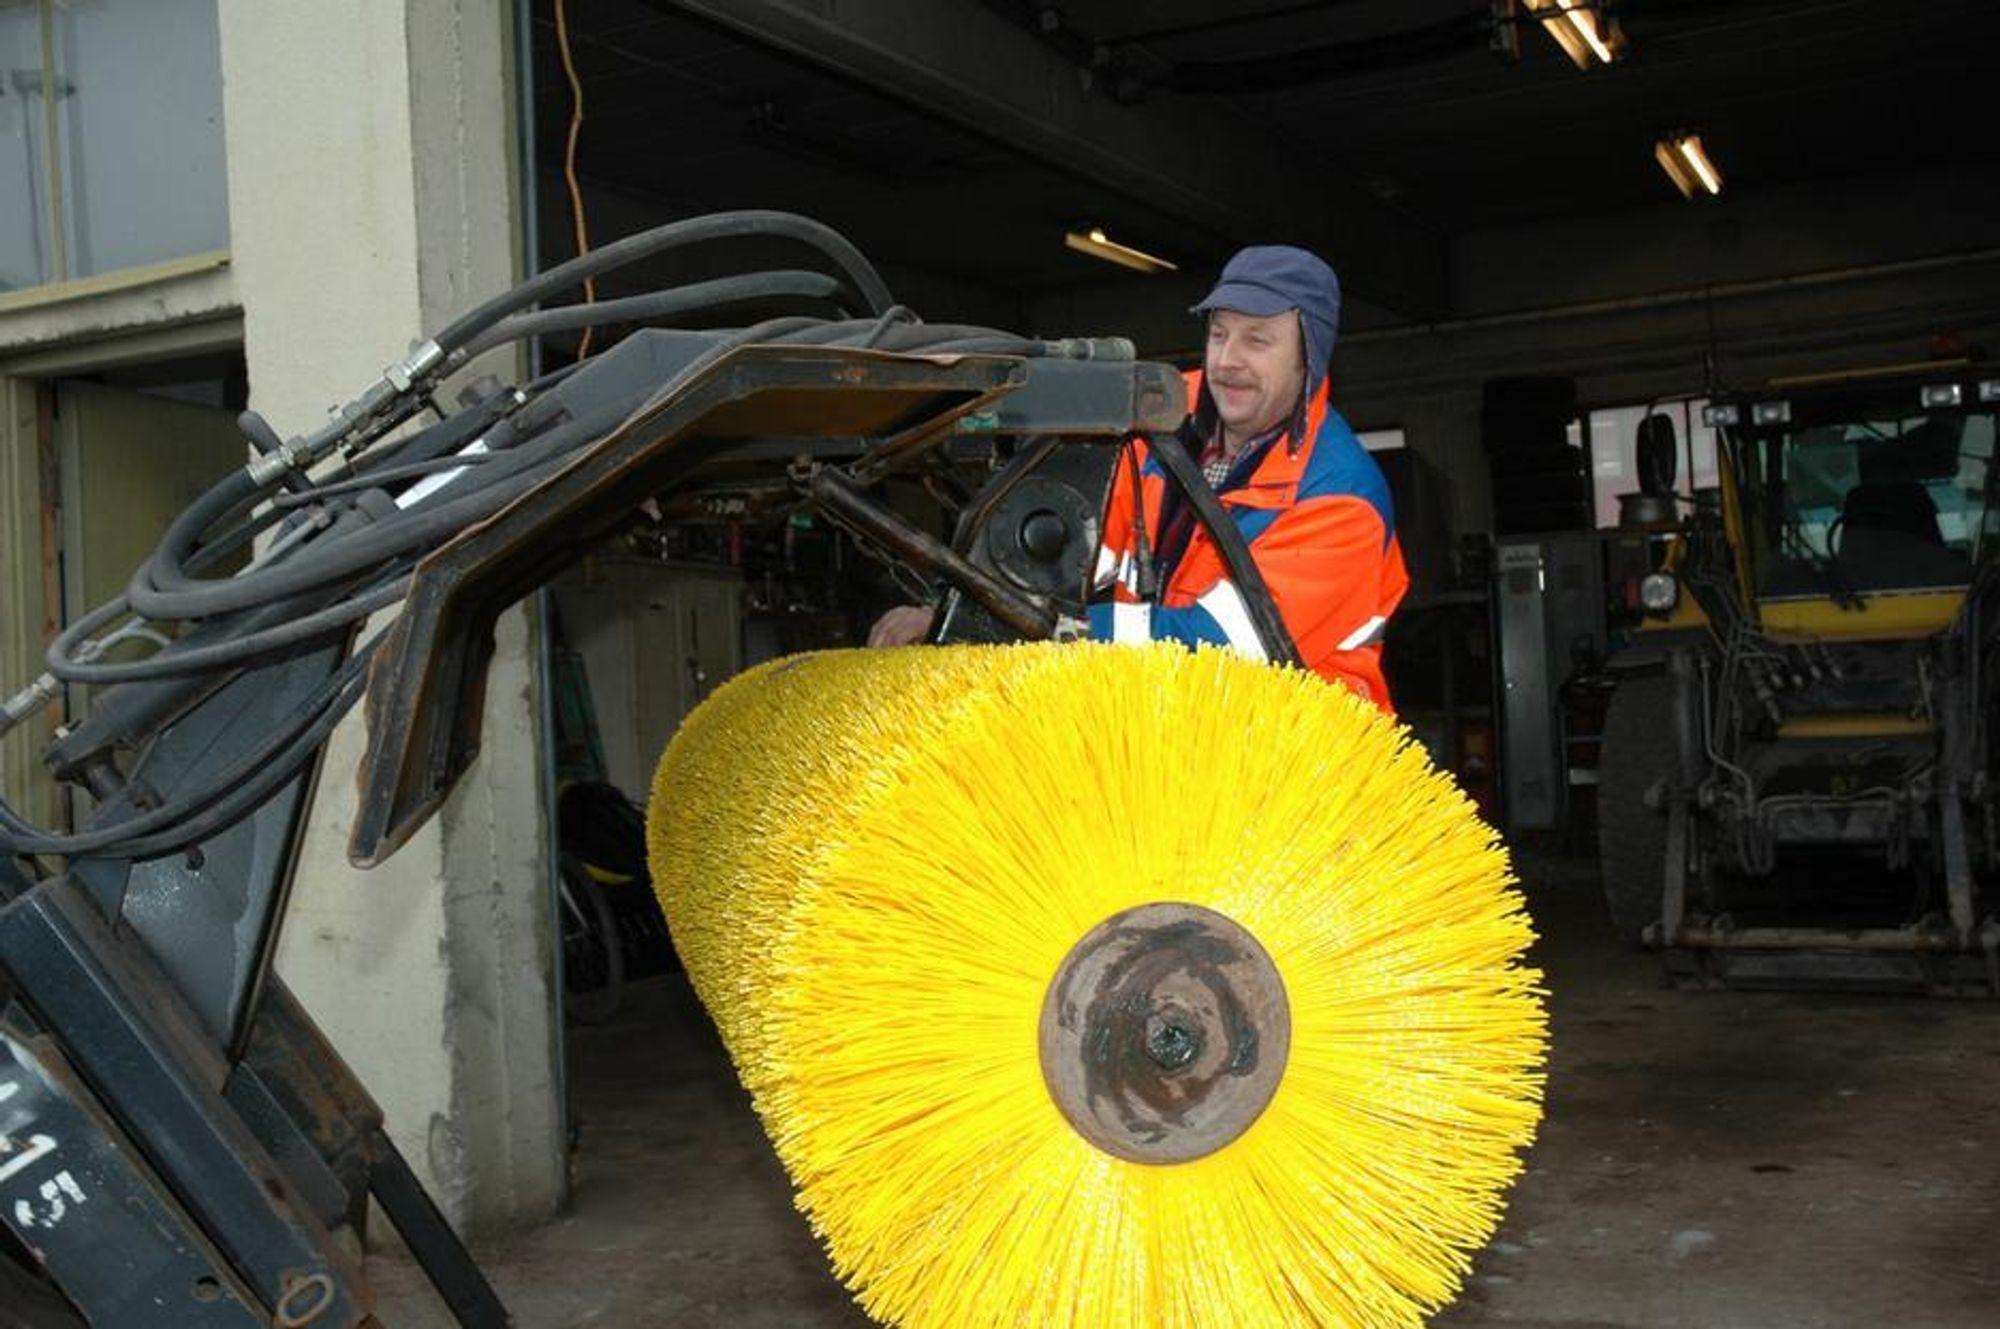 VEIBØRSTE: Trond Skilnad sjekker om alt er i orden før maskinen sendes på oppdrag i Hortens gater.FOTO: TESS